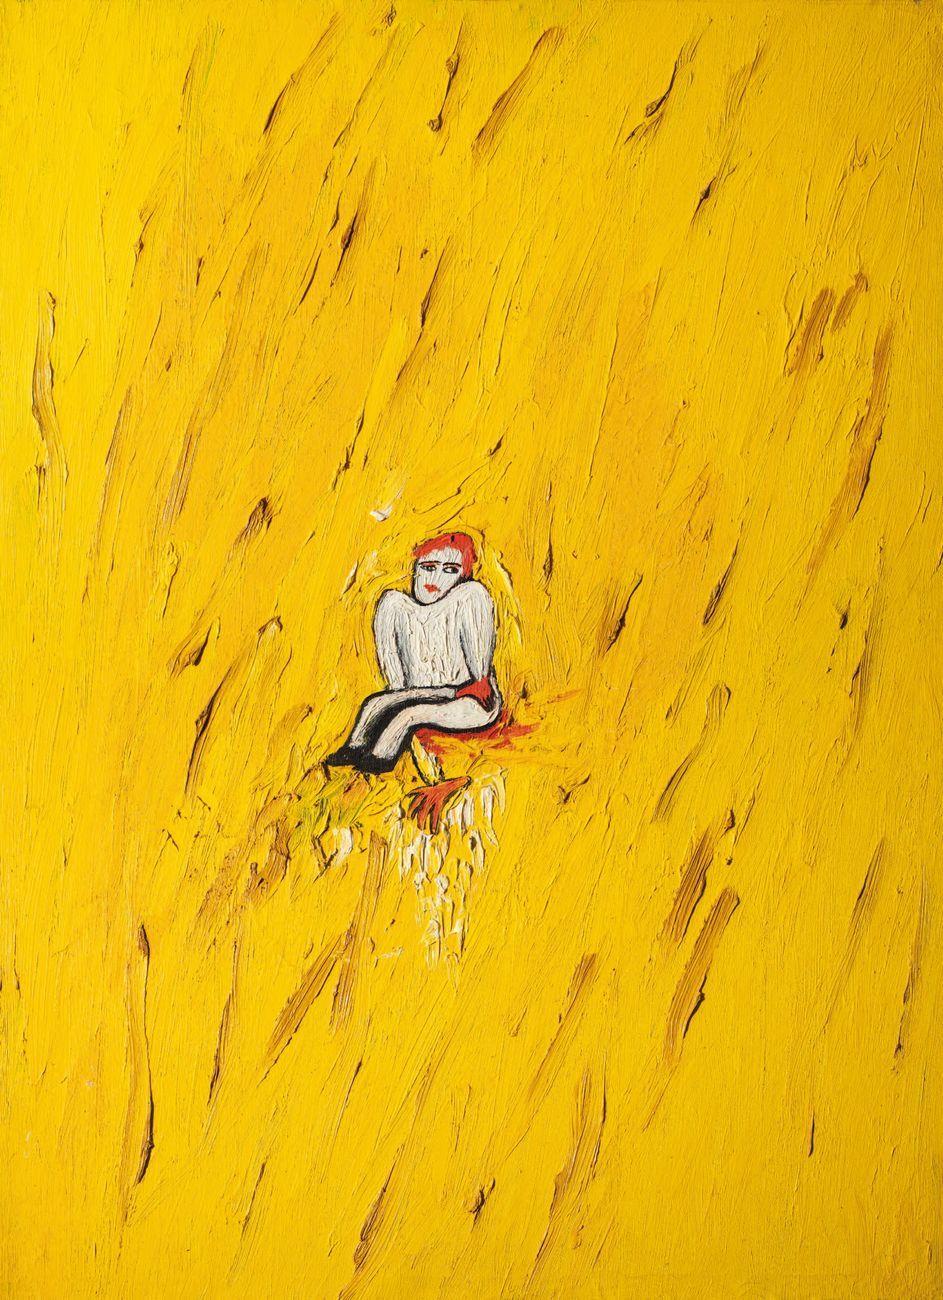 Enzo Cucchi, Senza titolo (Piccolo personaggio marchigiano), 1979, olio su tela, 89,50 x 65 cm. Collezione D'Ercole, Roma © Gaia Schiavinotto